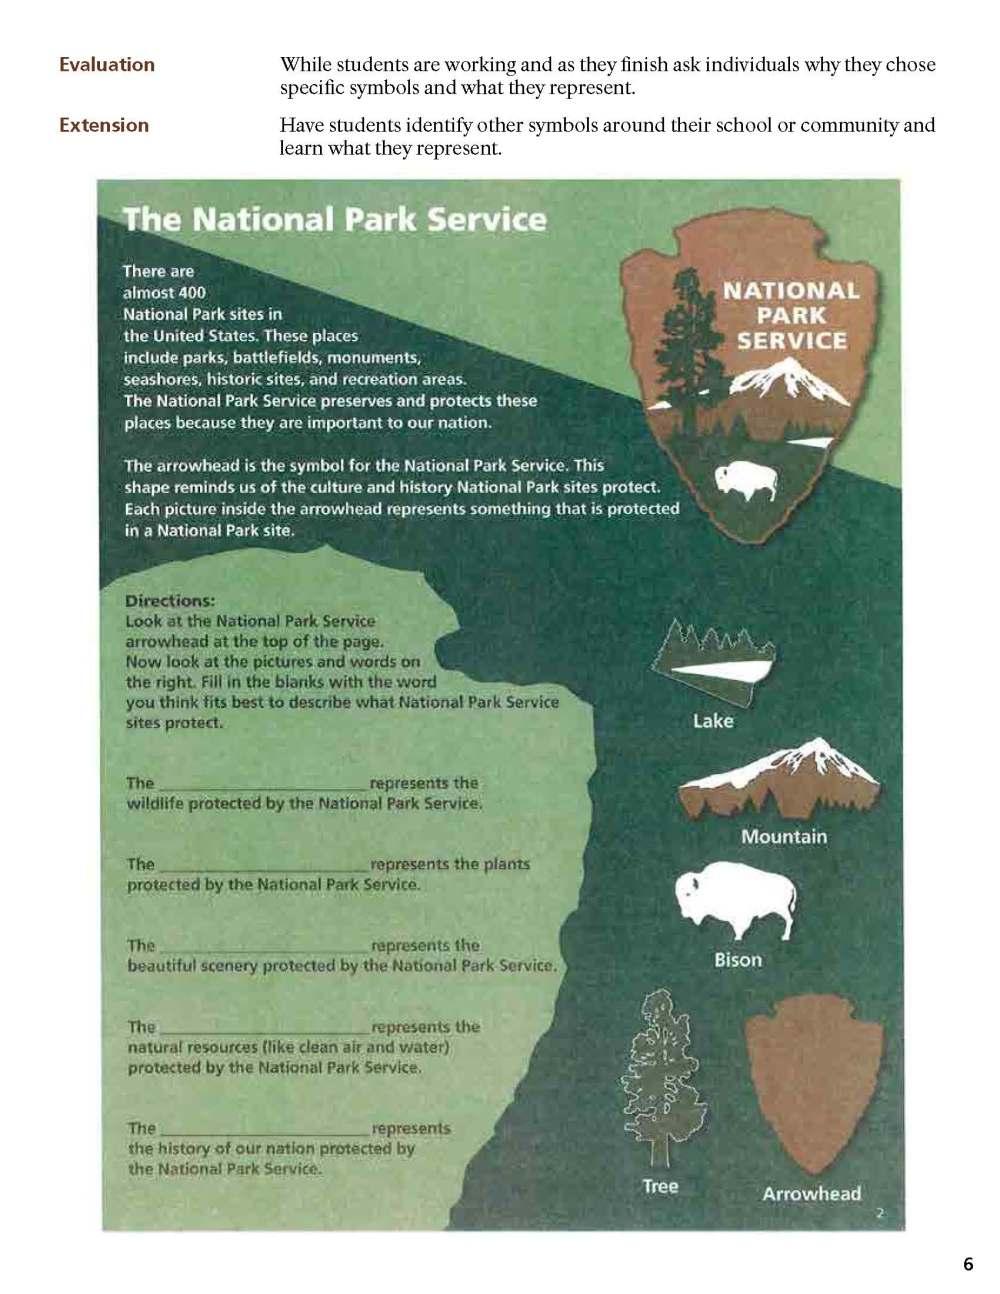 medium resolution of National Park Service Symbols - Teachers (U.S. National Park Service)